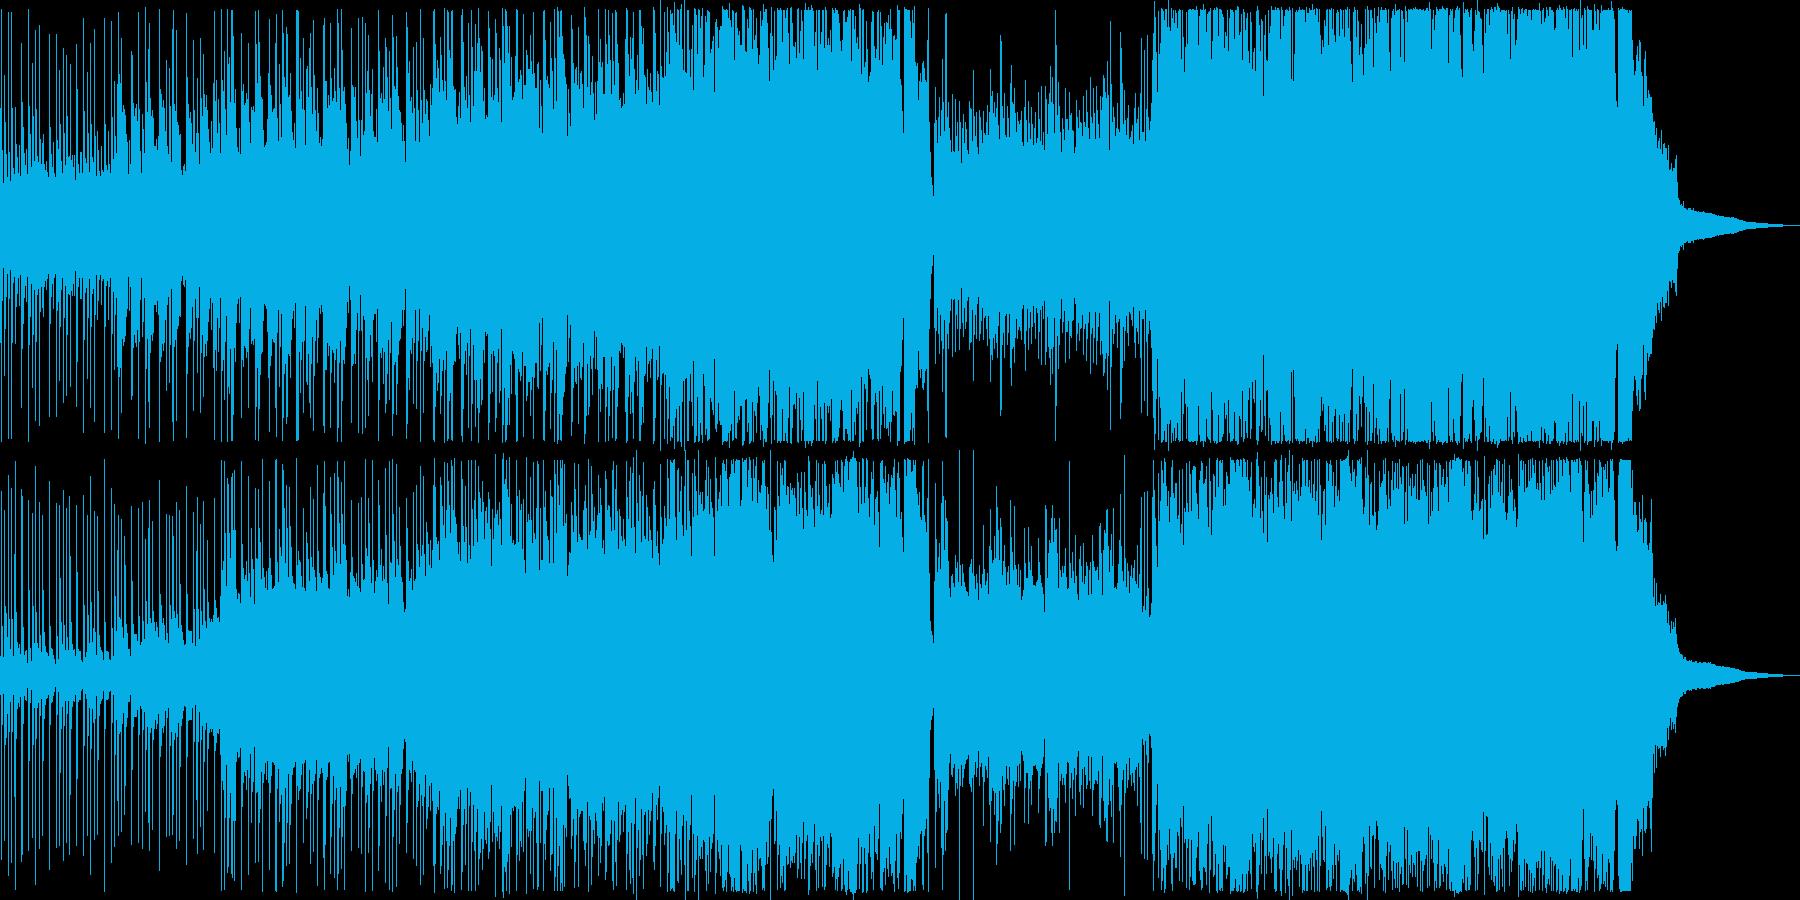 ピアノやギターを使用した明るい曲の再生済みの波形